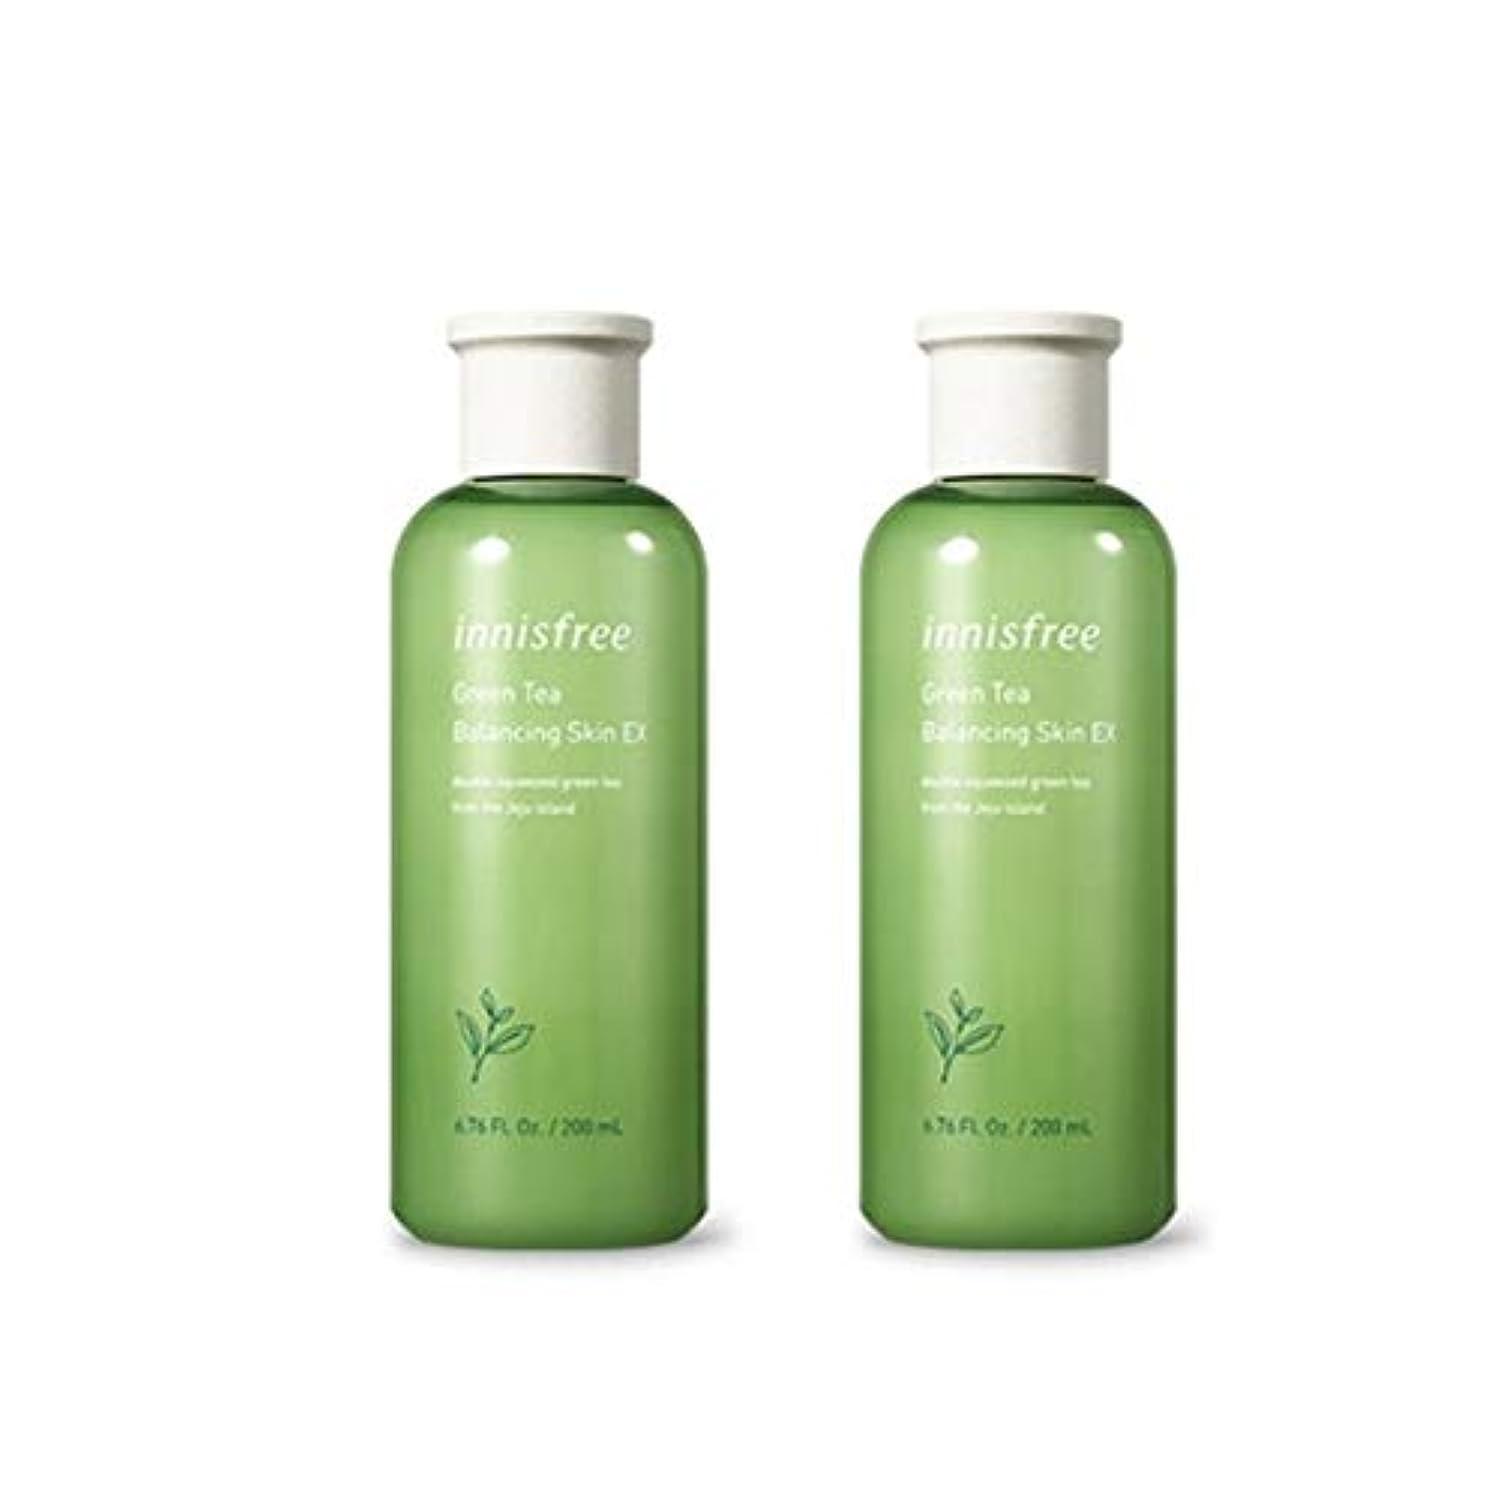 シングルマウントインドイニスフリーグリーンティーバランシングスキンEX 200mlx2本セット韓国コスメ、innisfree Green Tea Balancing Skin EX 200ml x 2ea Set Korean Cosmetics...